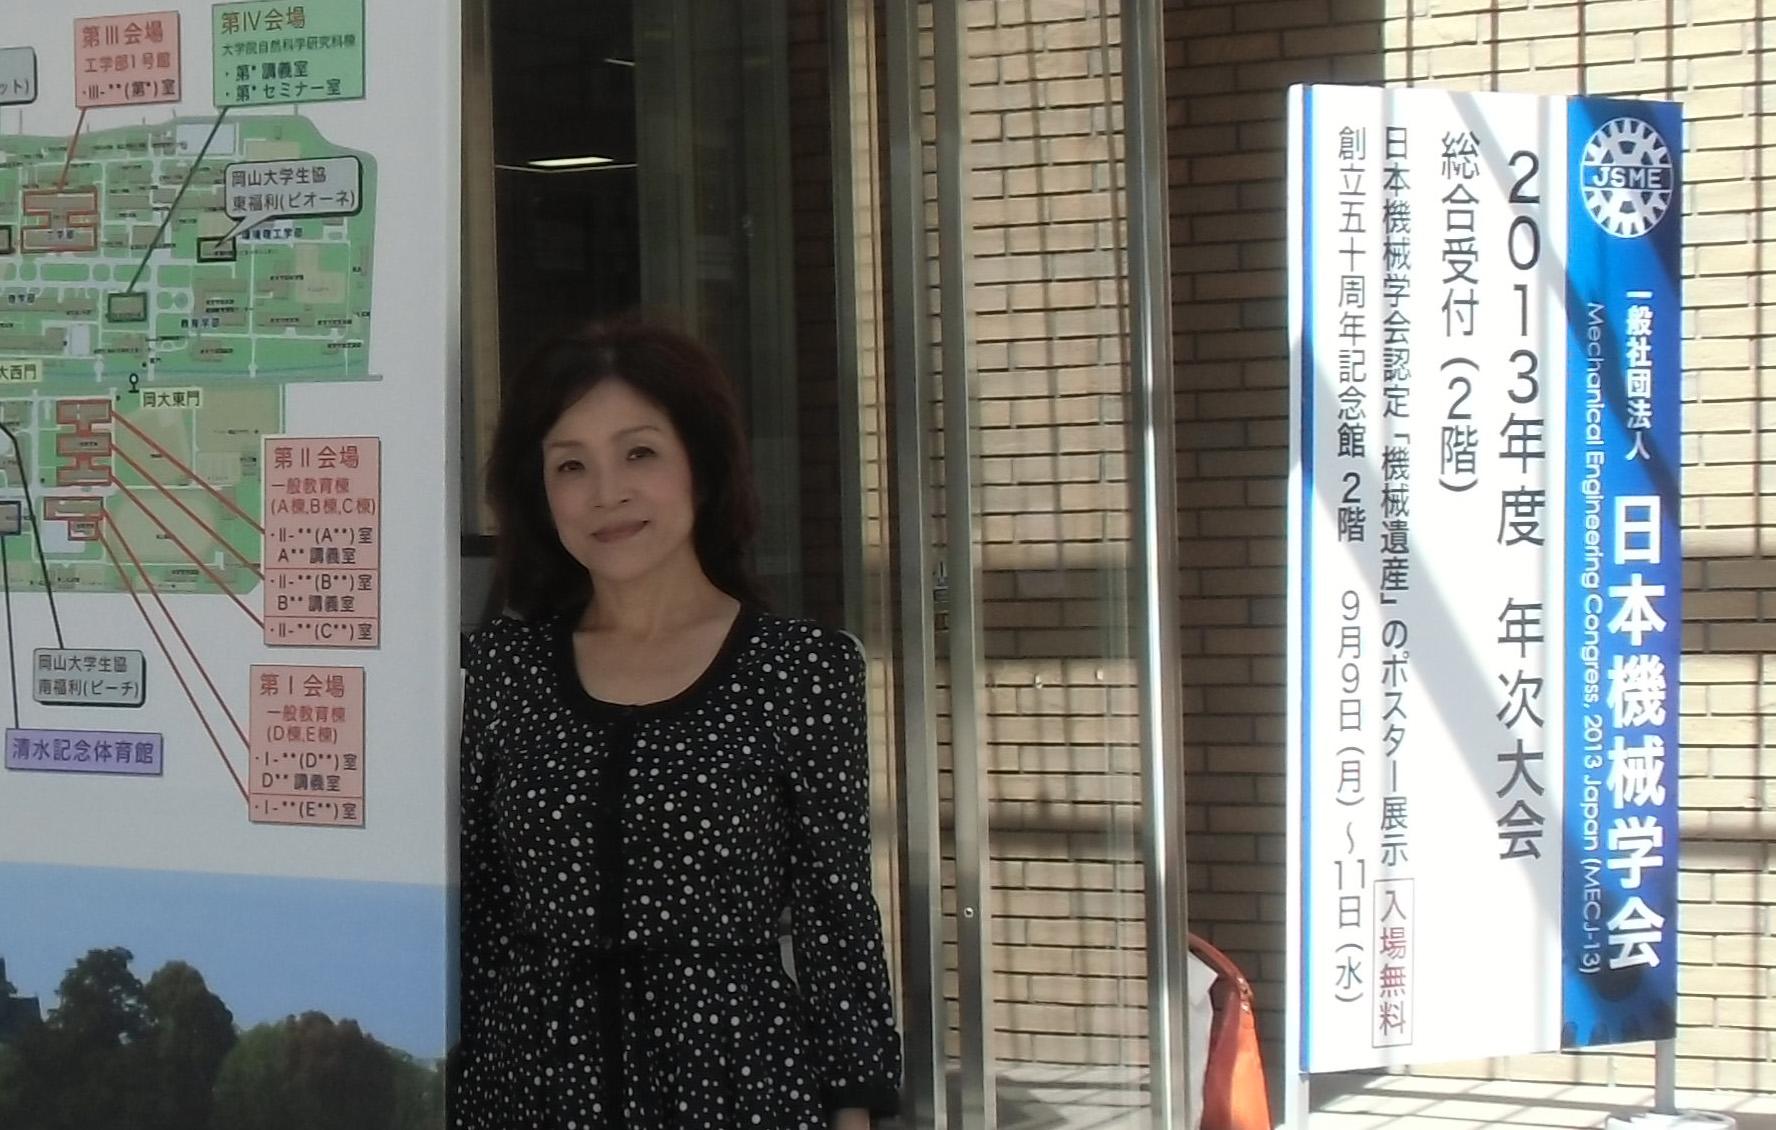 日本機械学会2013年次大会でプレゼンテーション! 2013年9月9日_d0079522_1248241.jpg